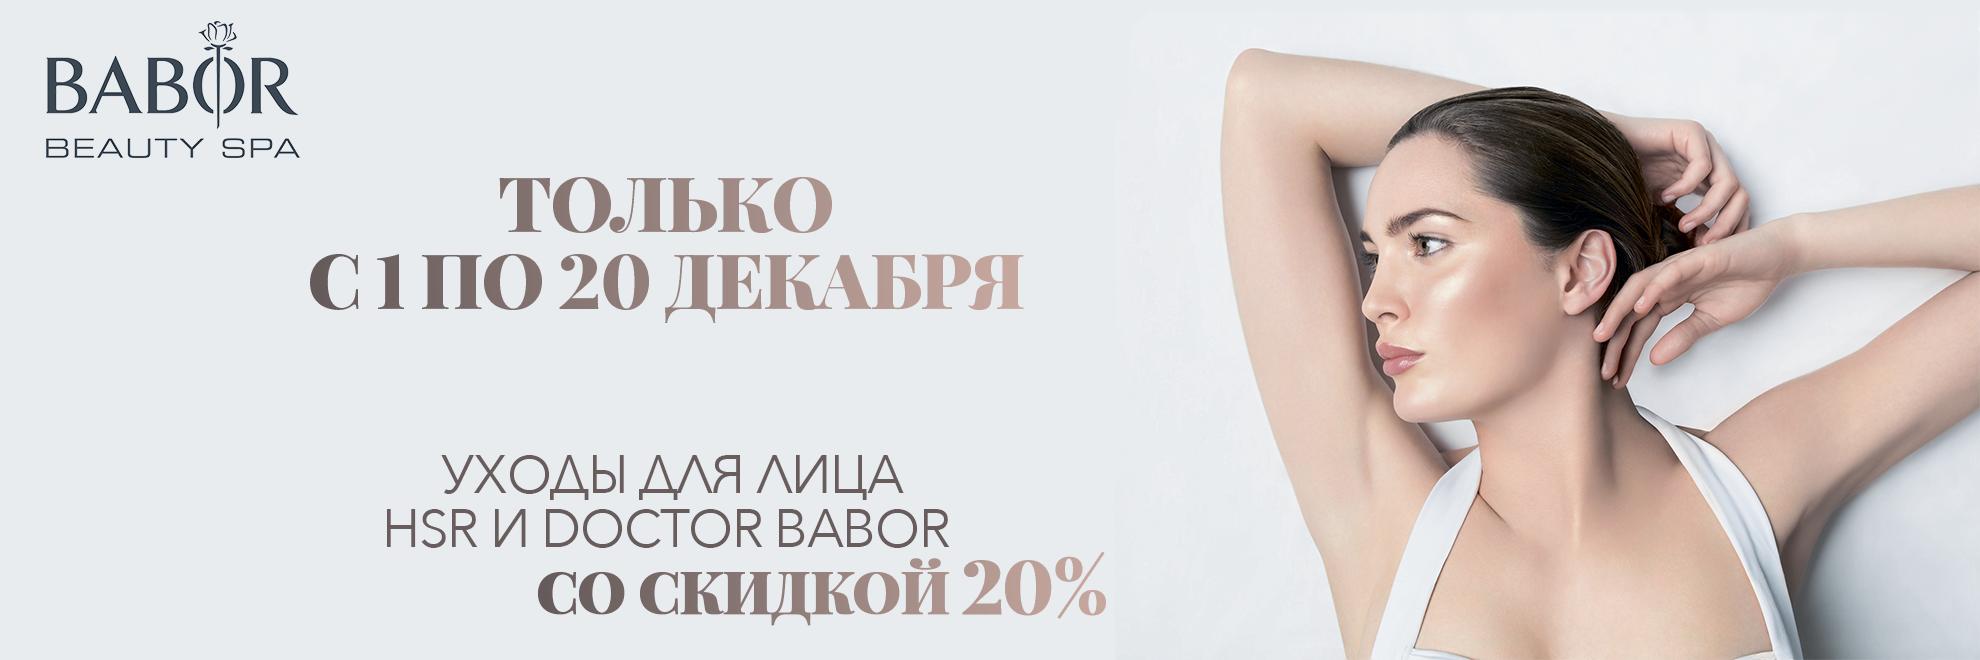 Акция в декабре в салоне красоты Babor г.Троицк